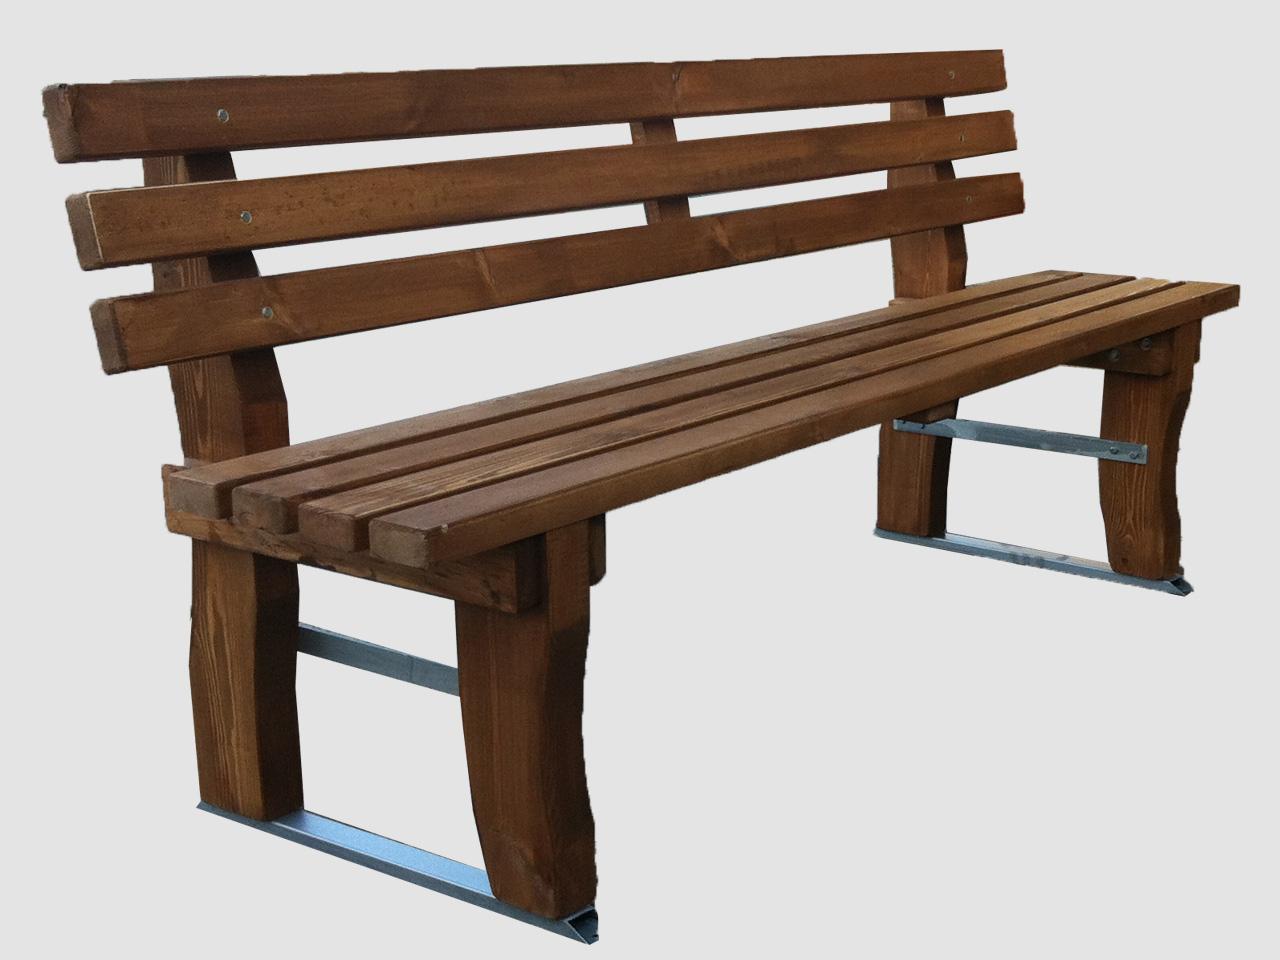 ξυλινο παγκακι με μεταλλική βαση